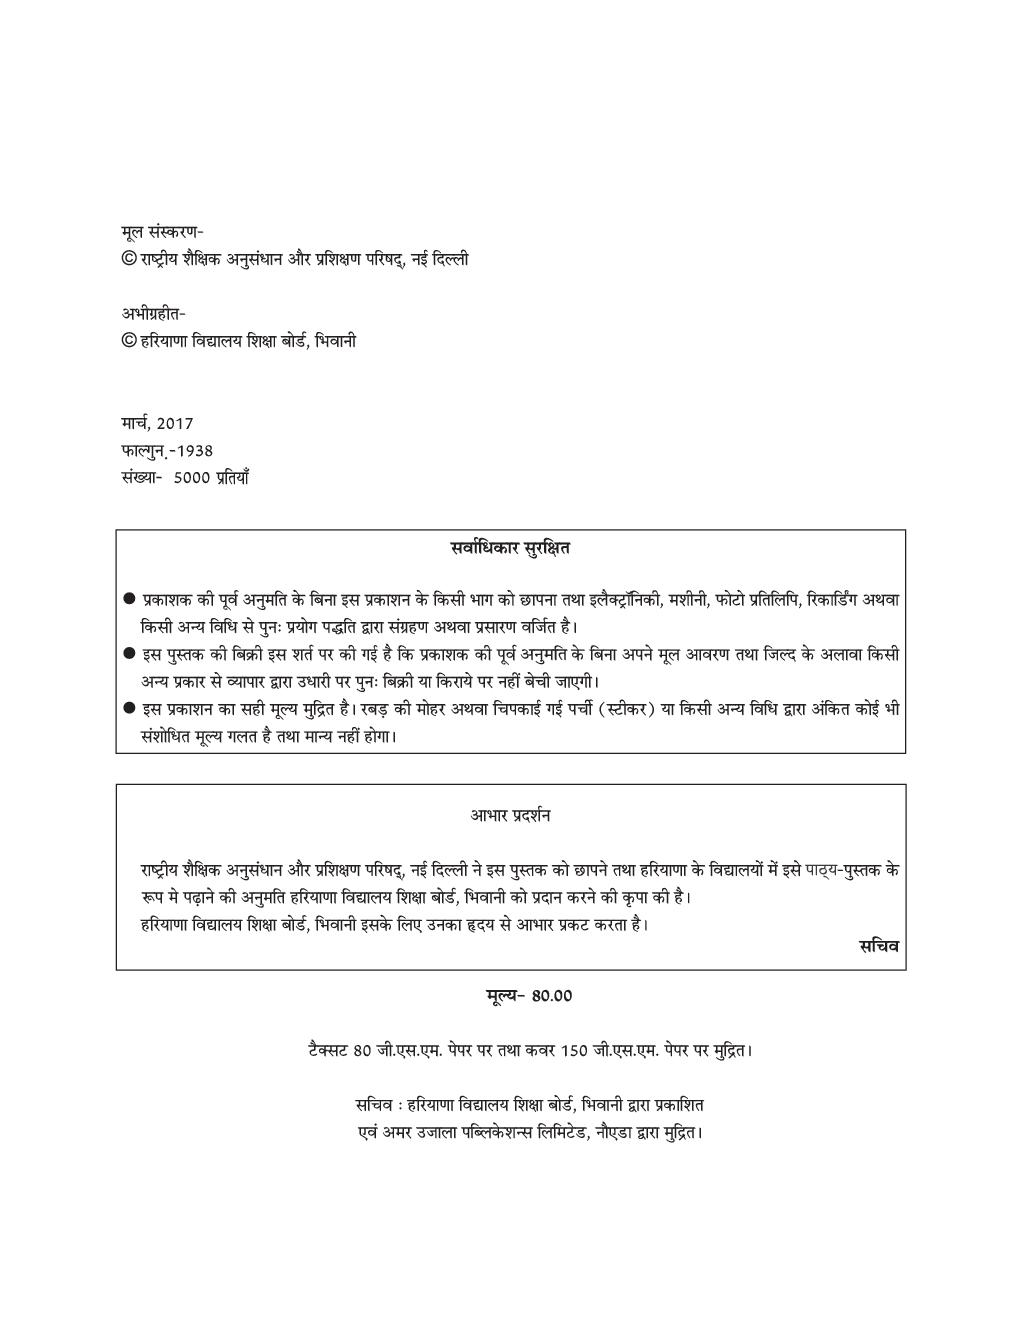 भौतिक भूगोल के मूल सिद्धांत कक्षा - XI For Board Of School Education, Haryana - Page 3